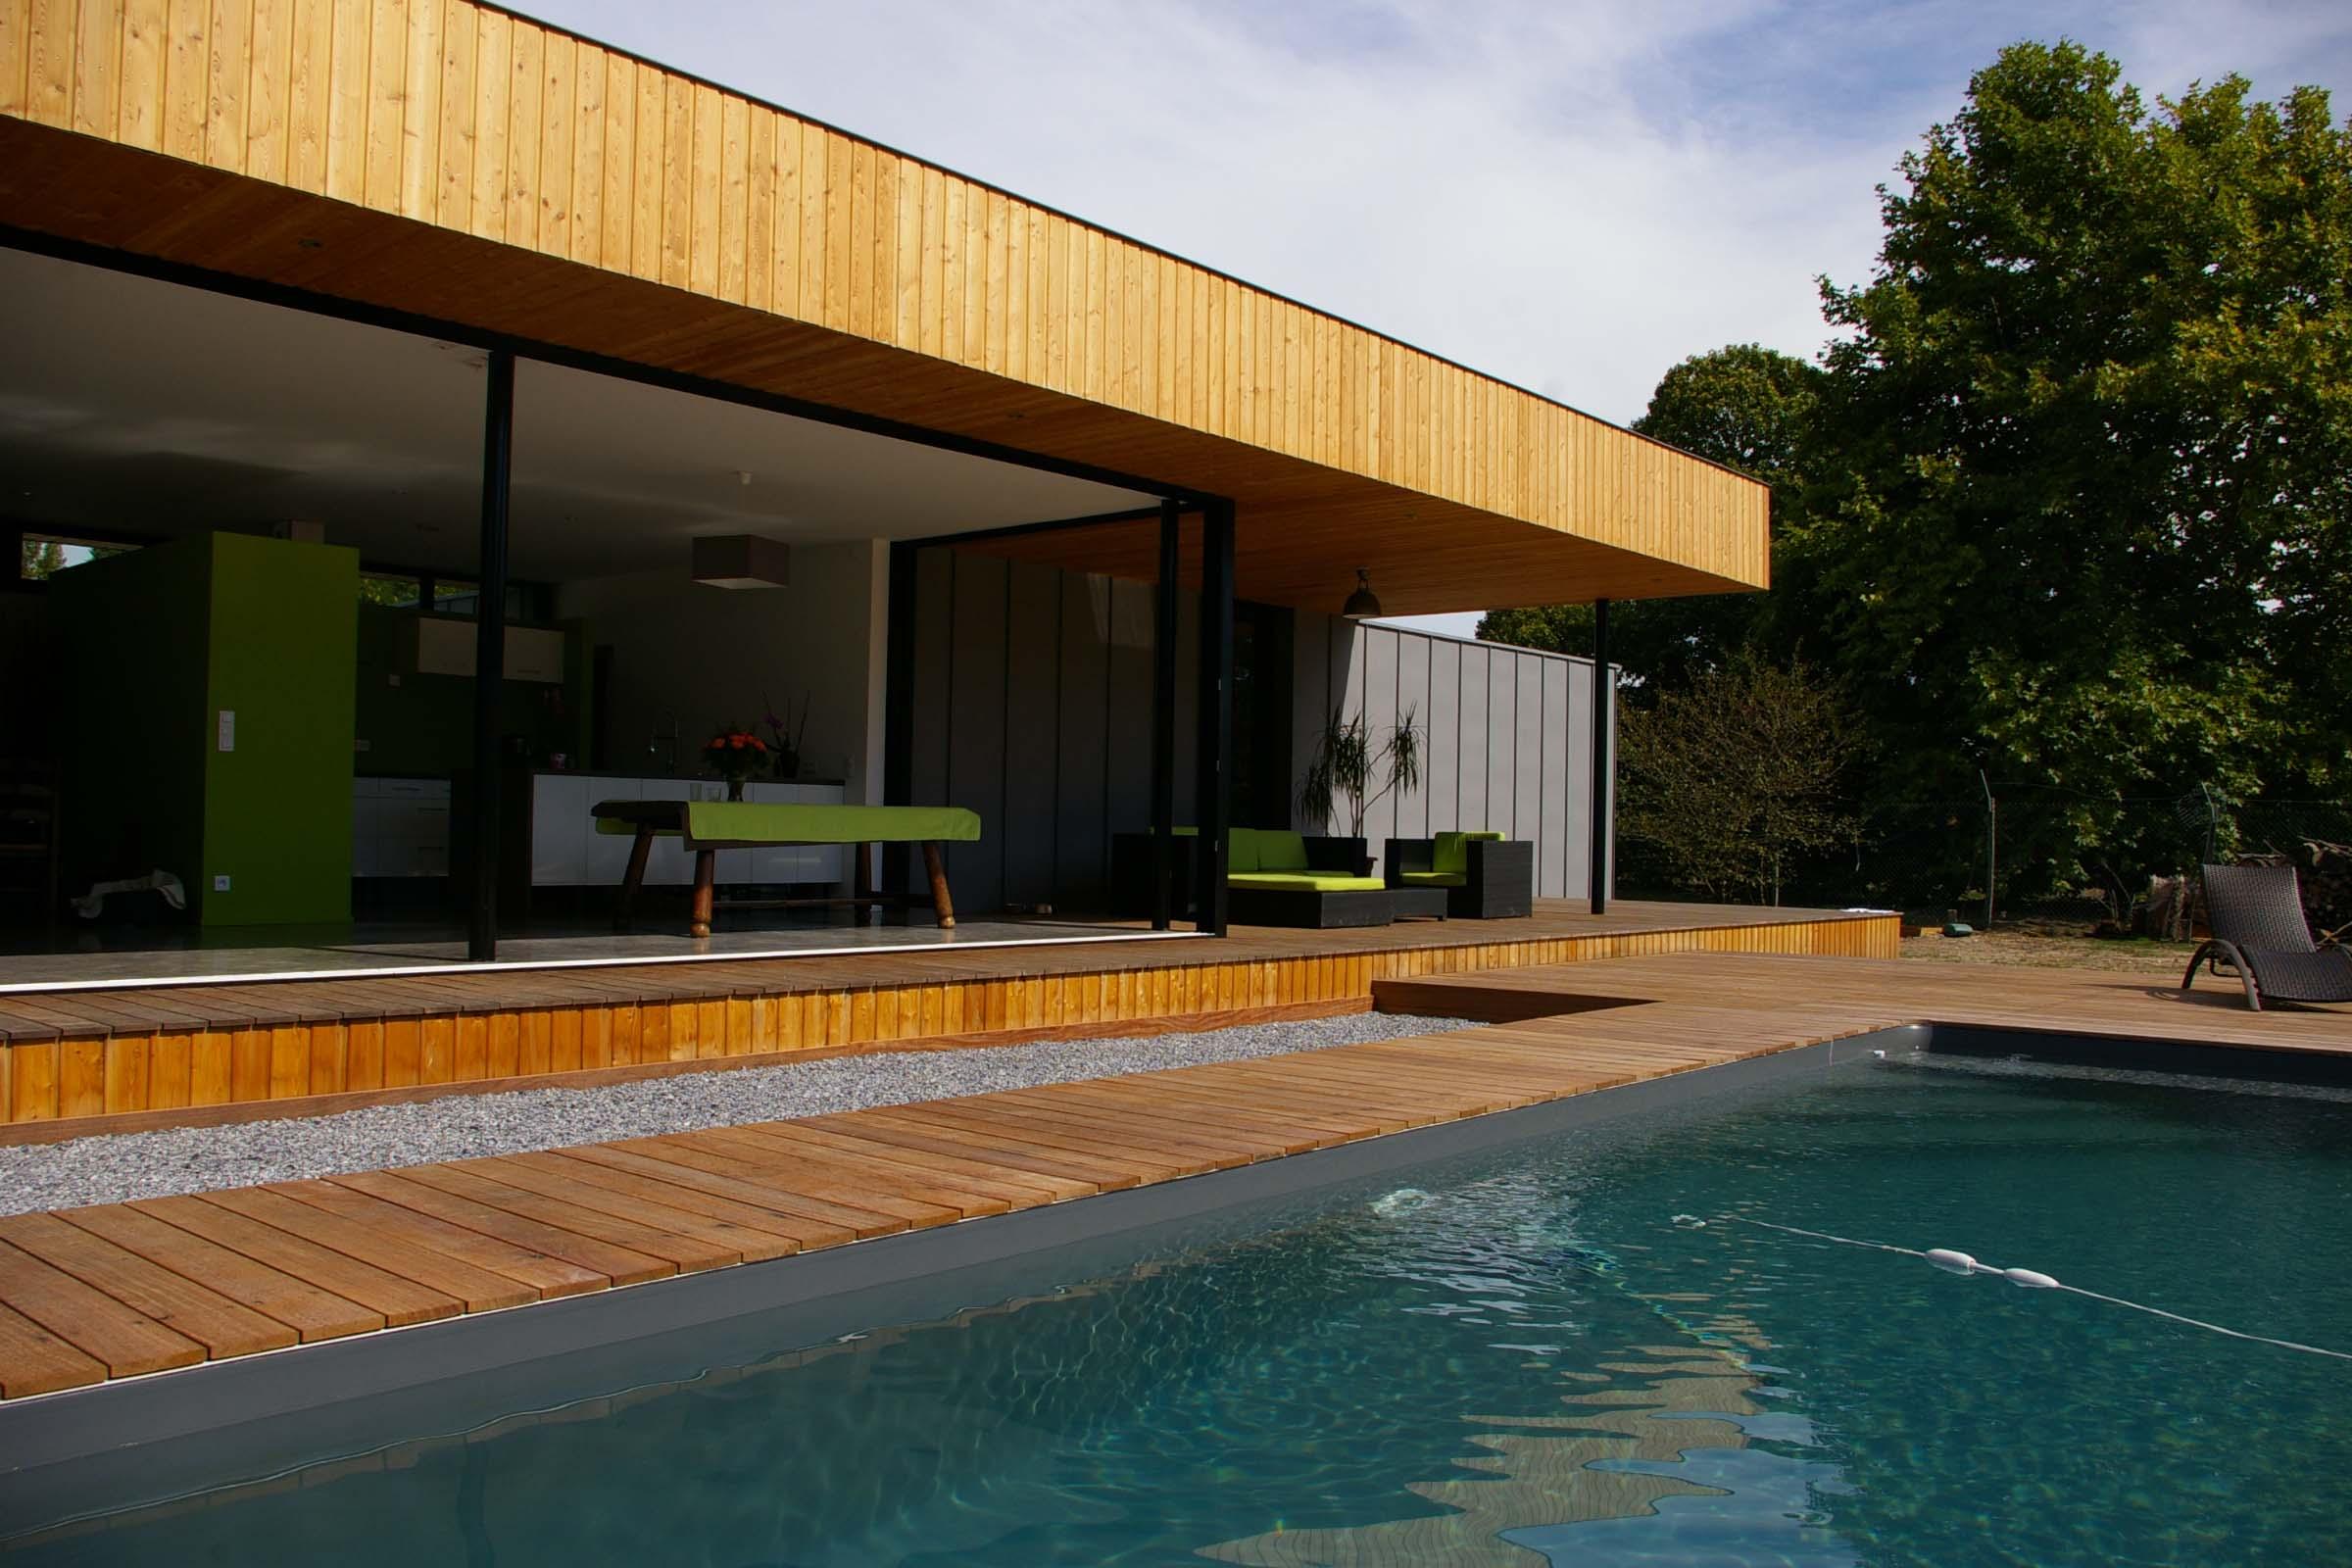 maison architecte bordeaux maison moderne. Black Bedroom Furniture Sets. Home Design Ideas